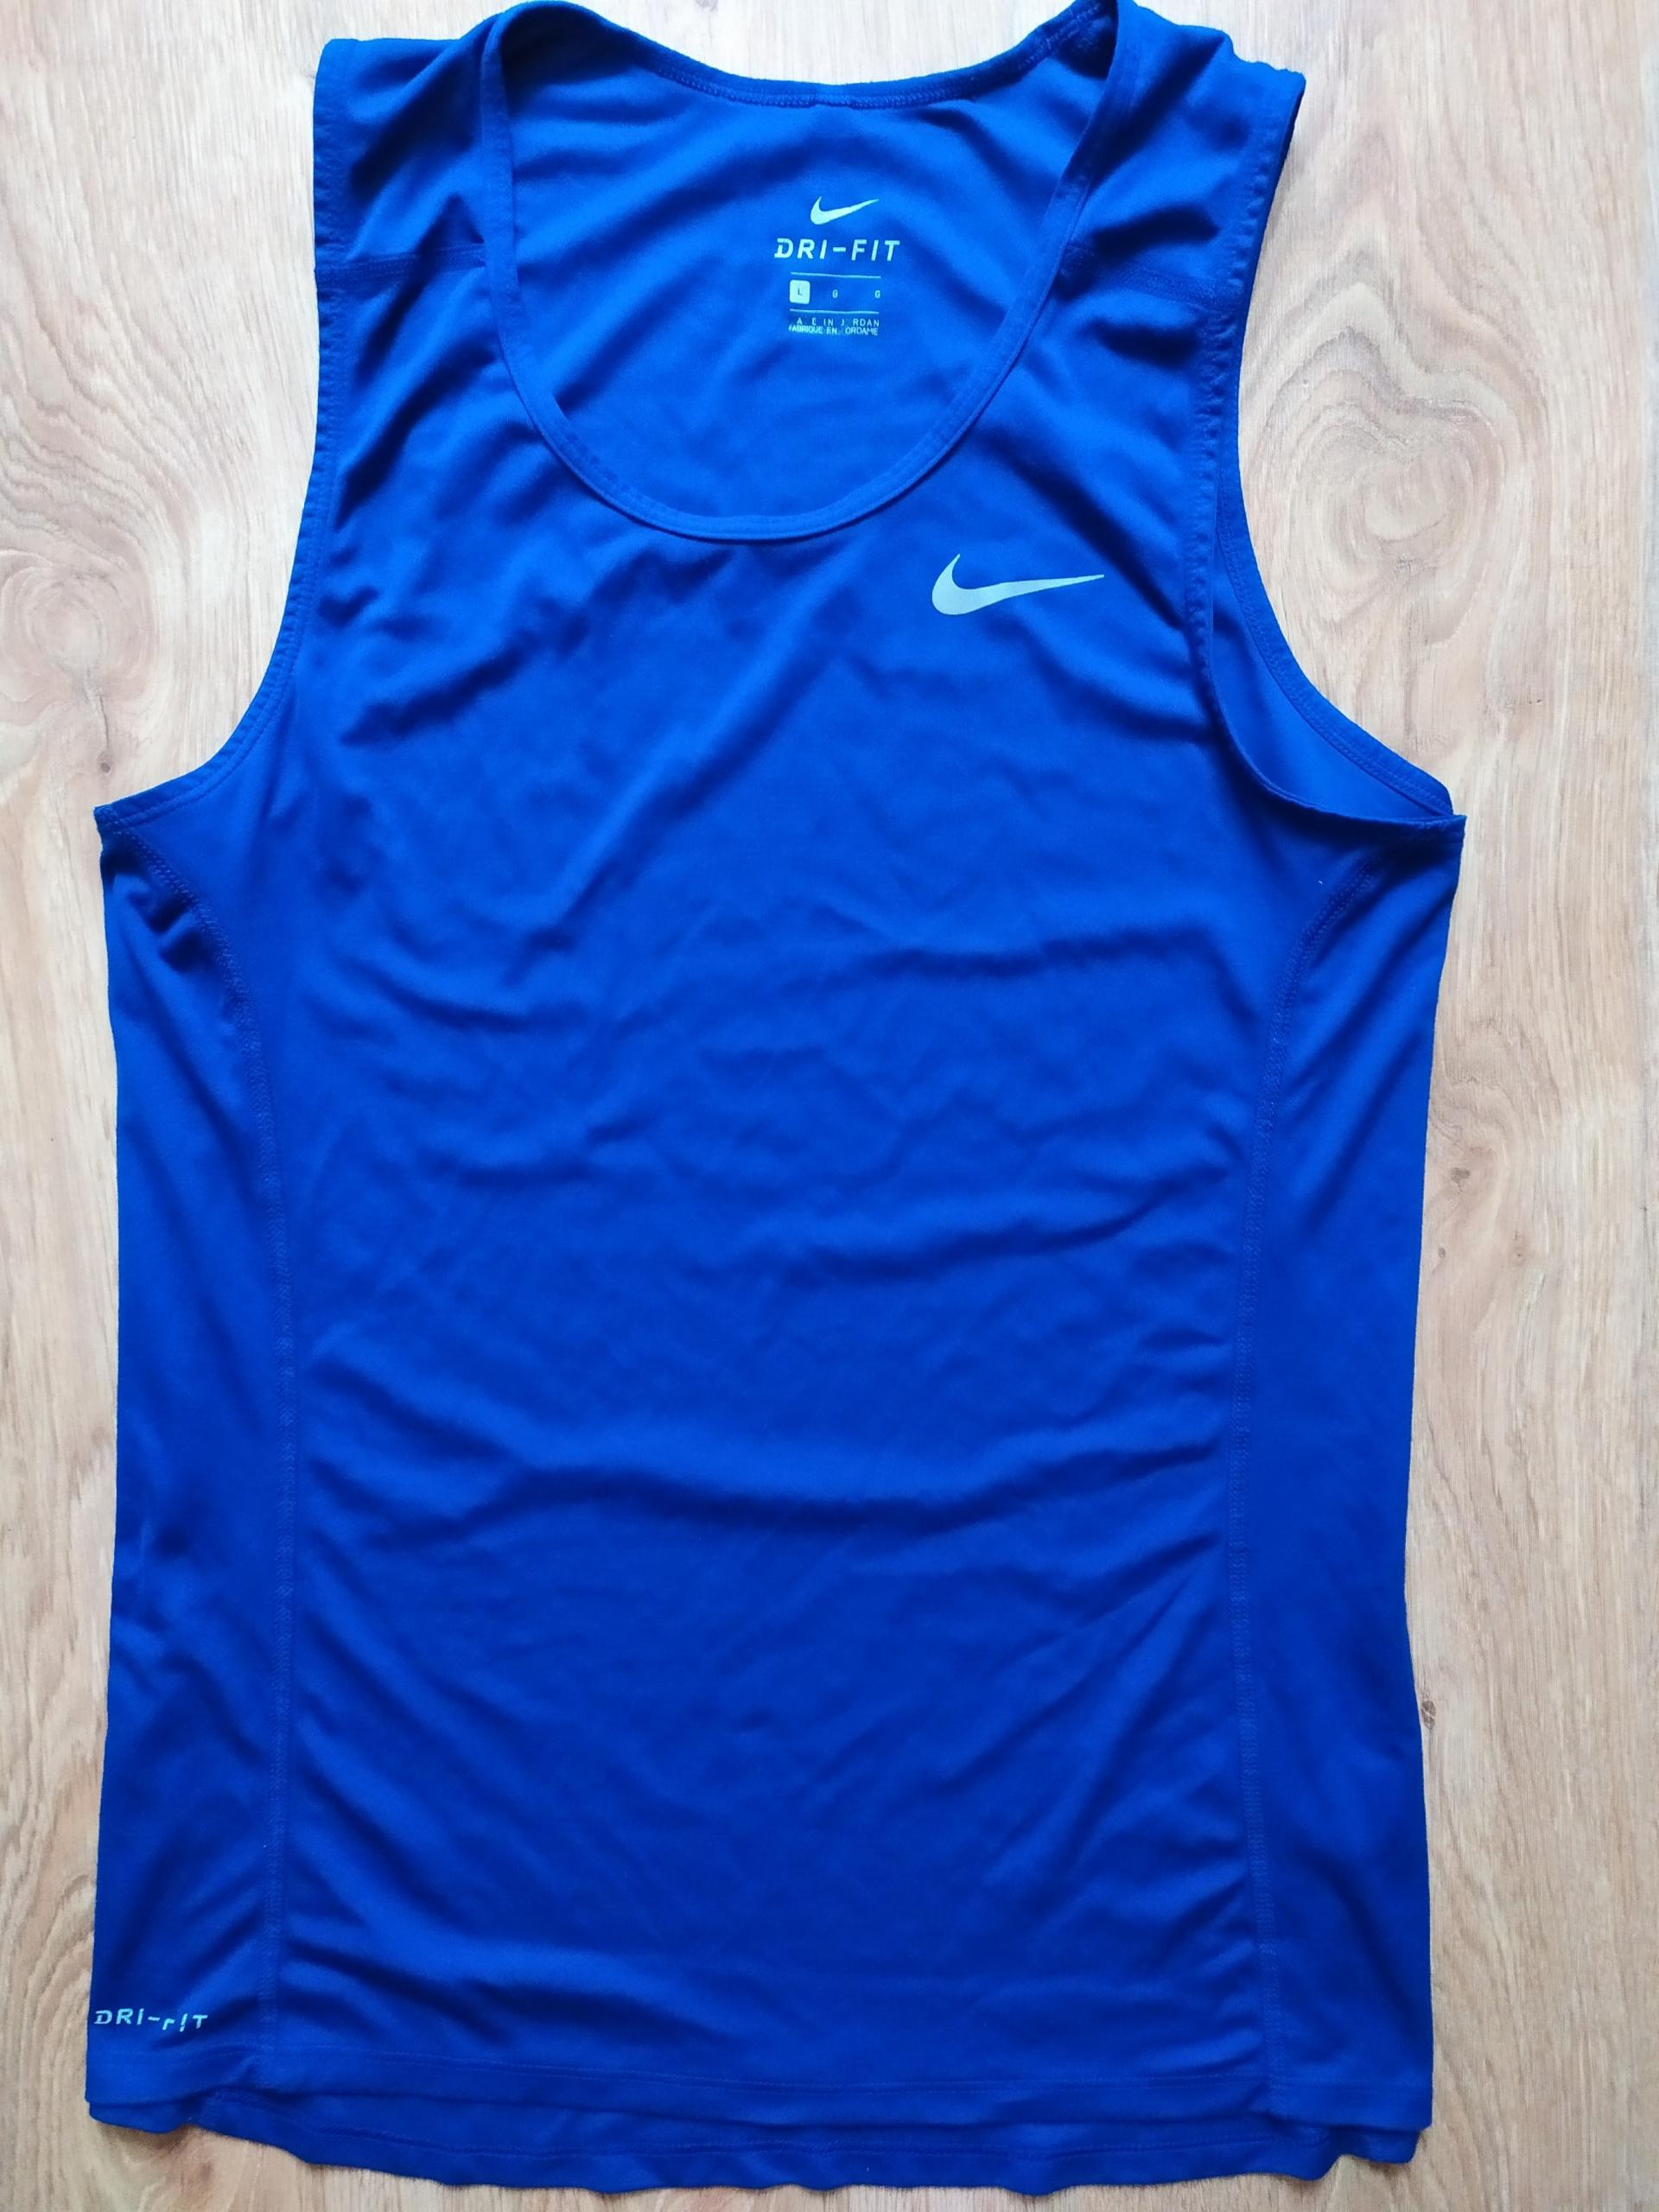 koszulka Nike Drifit L bdb+